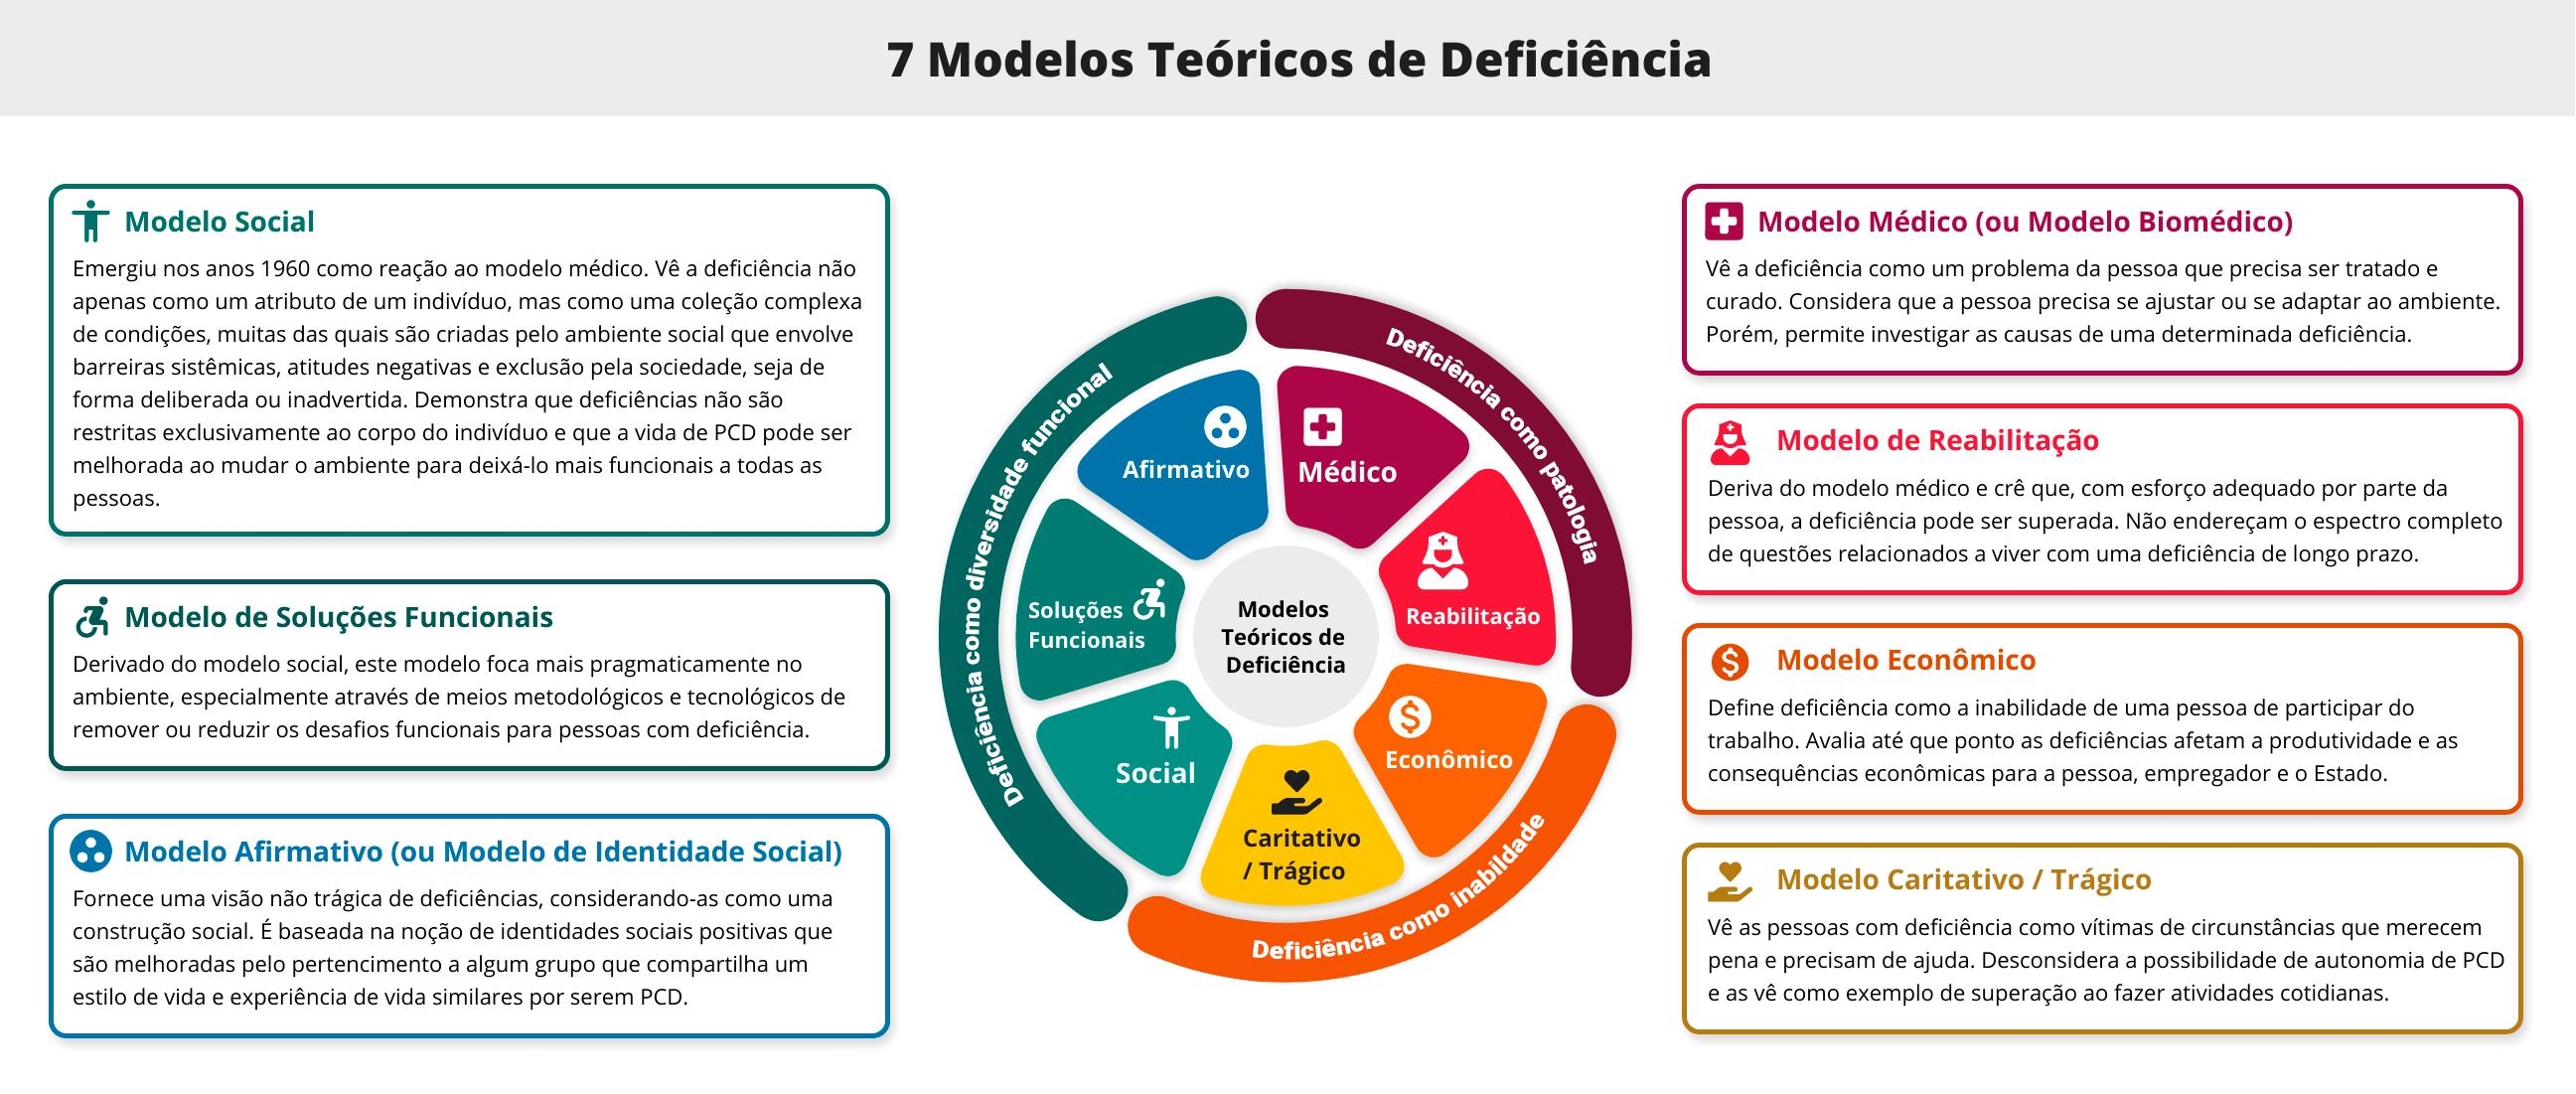 Infográfico com título 7 Modelos Teóricos de Deficiência. Contém um gráfico circular no centro apresentando cada modelo e, nas laterais esquerda e direita, caixas de texto descrevendo os modelos teóricos. Descrição completa a seguir.